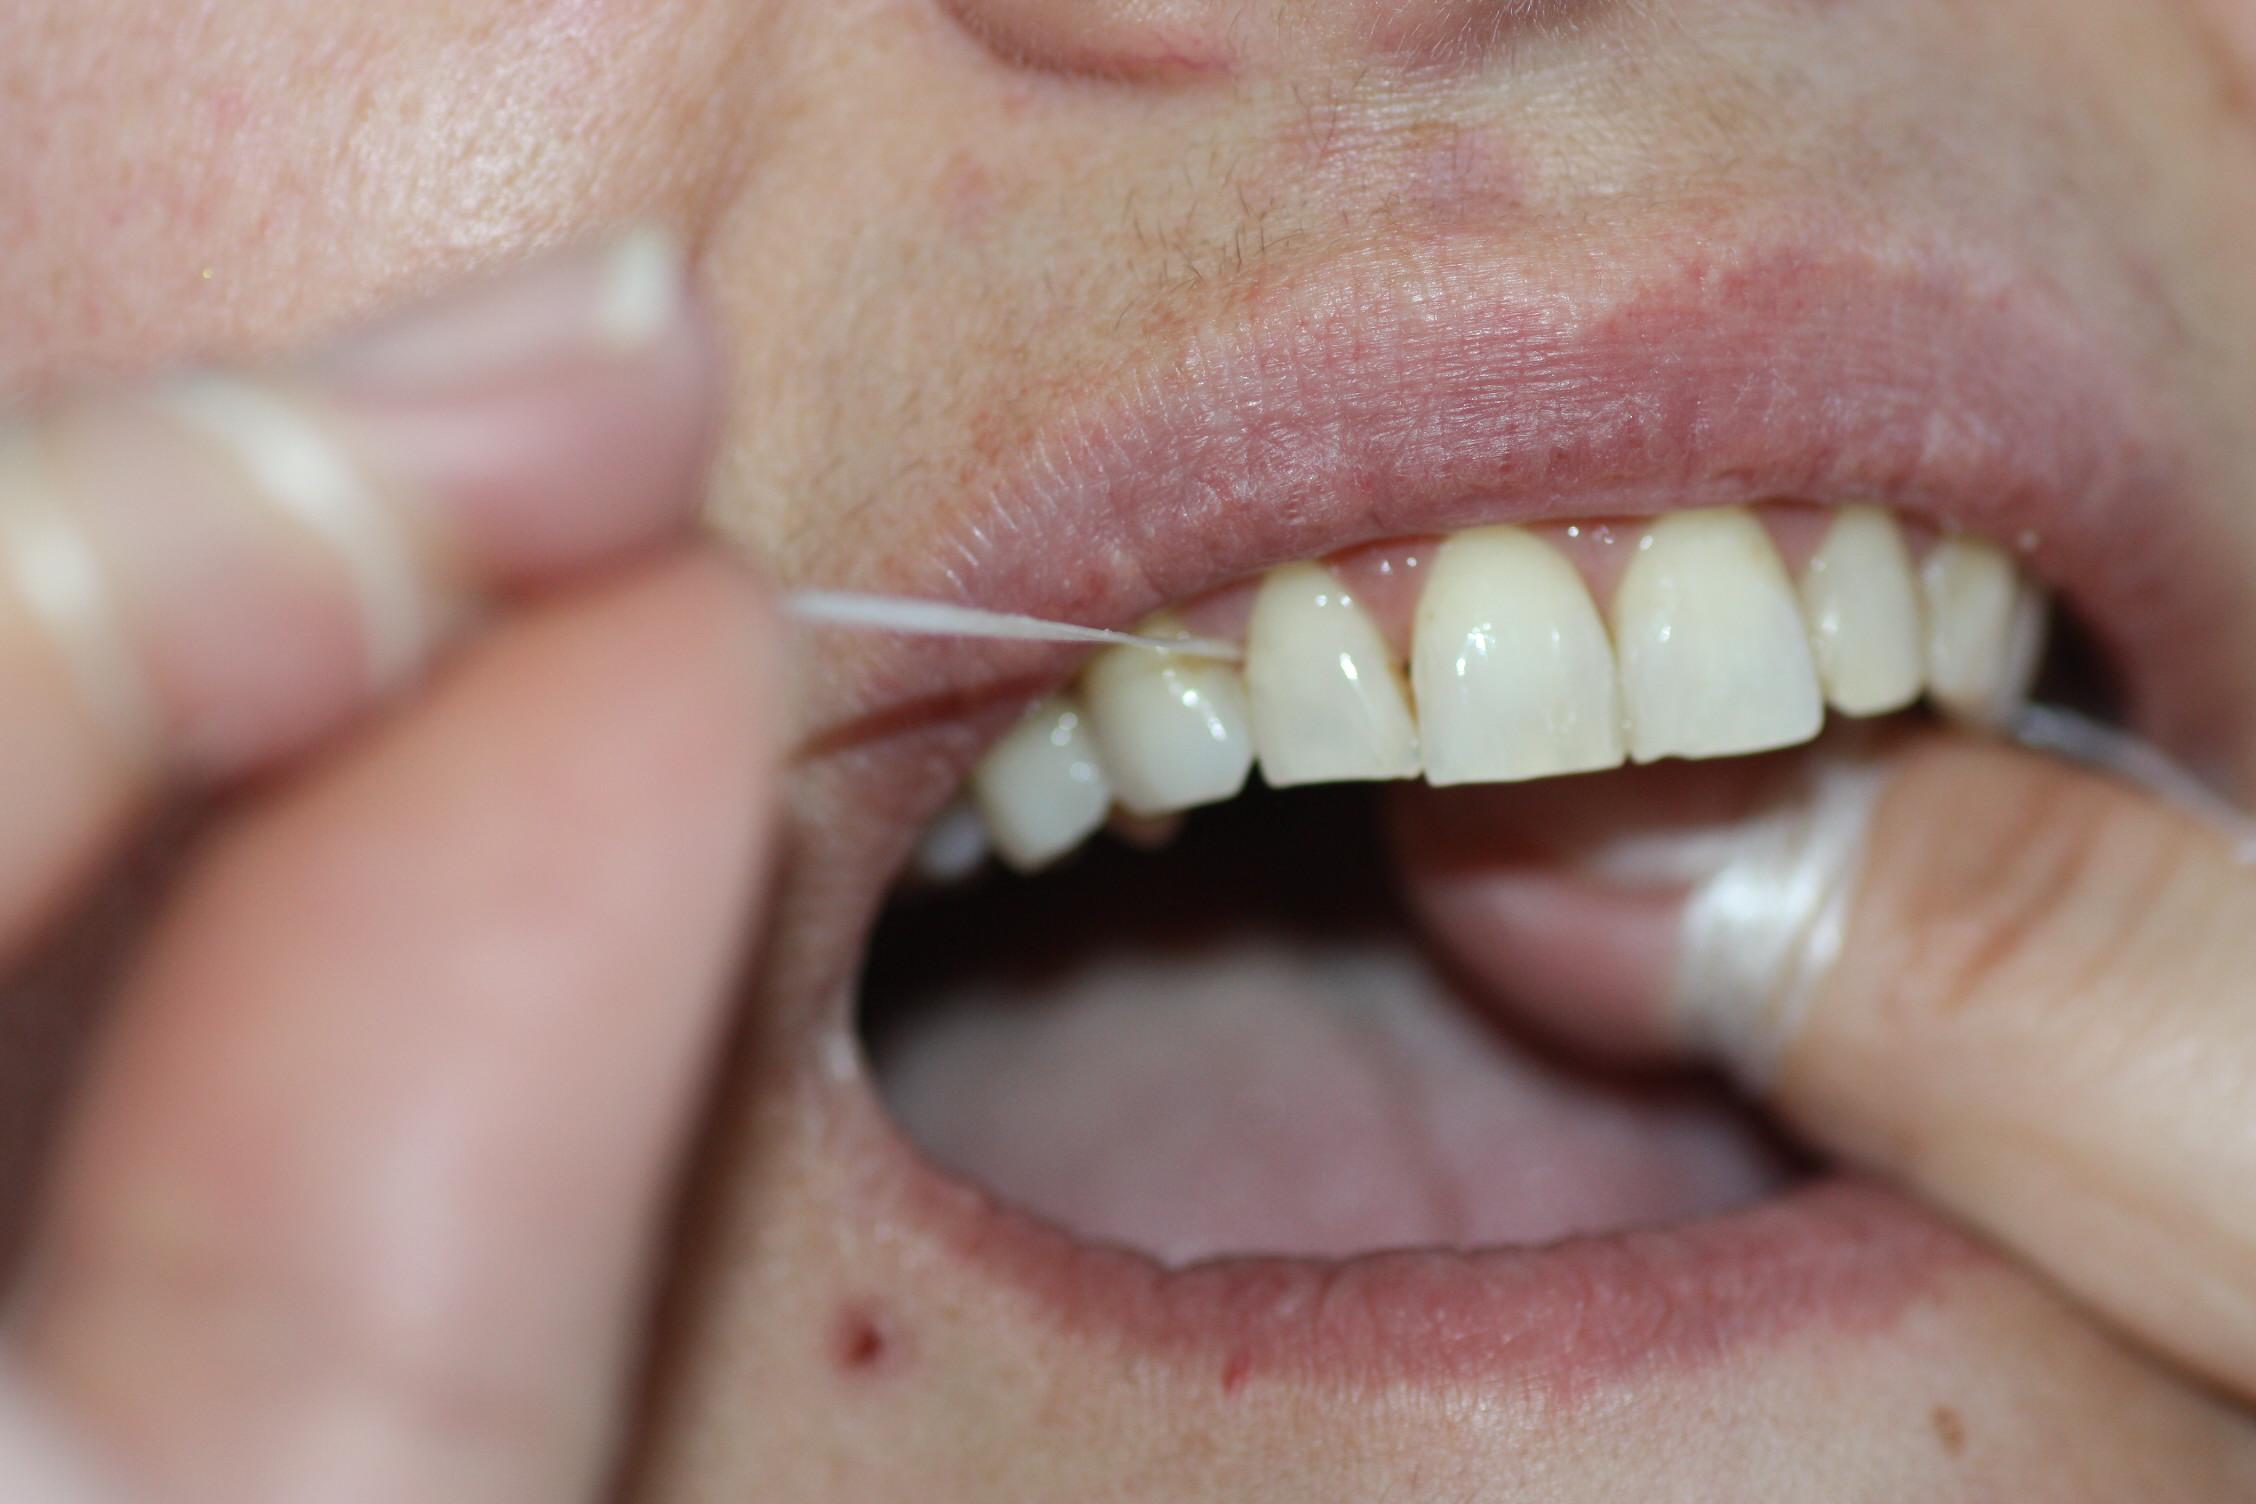 """""""Enrollado"""" en los dedos, el hilo dental se pasa entre los puntos de contacto de todos los dientes para eliminar restos de comida entre ellos"""